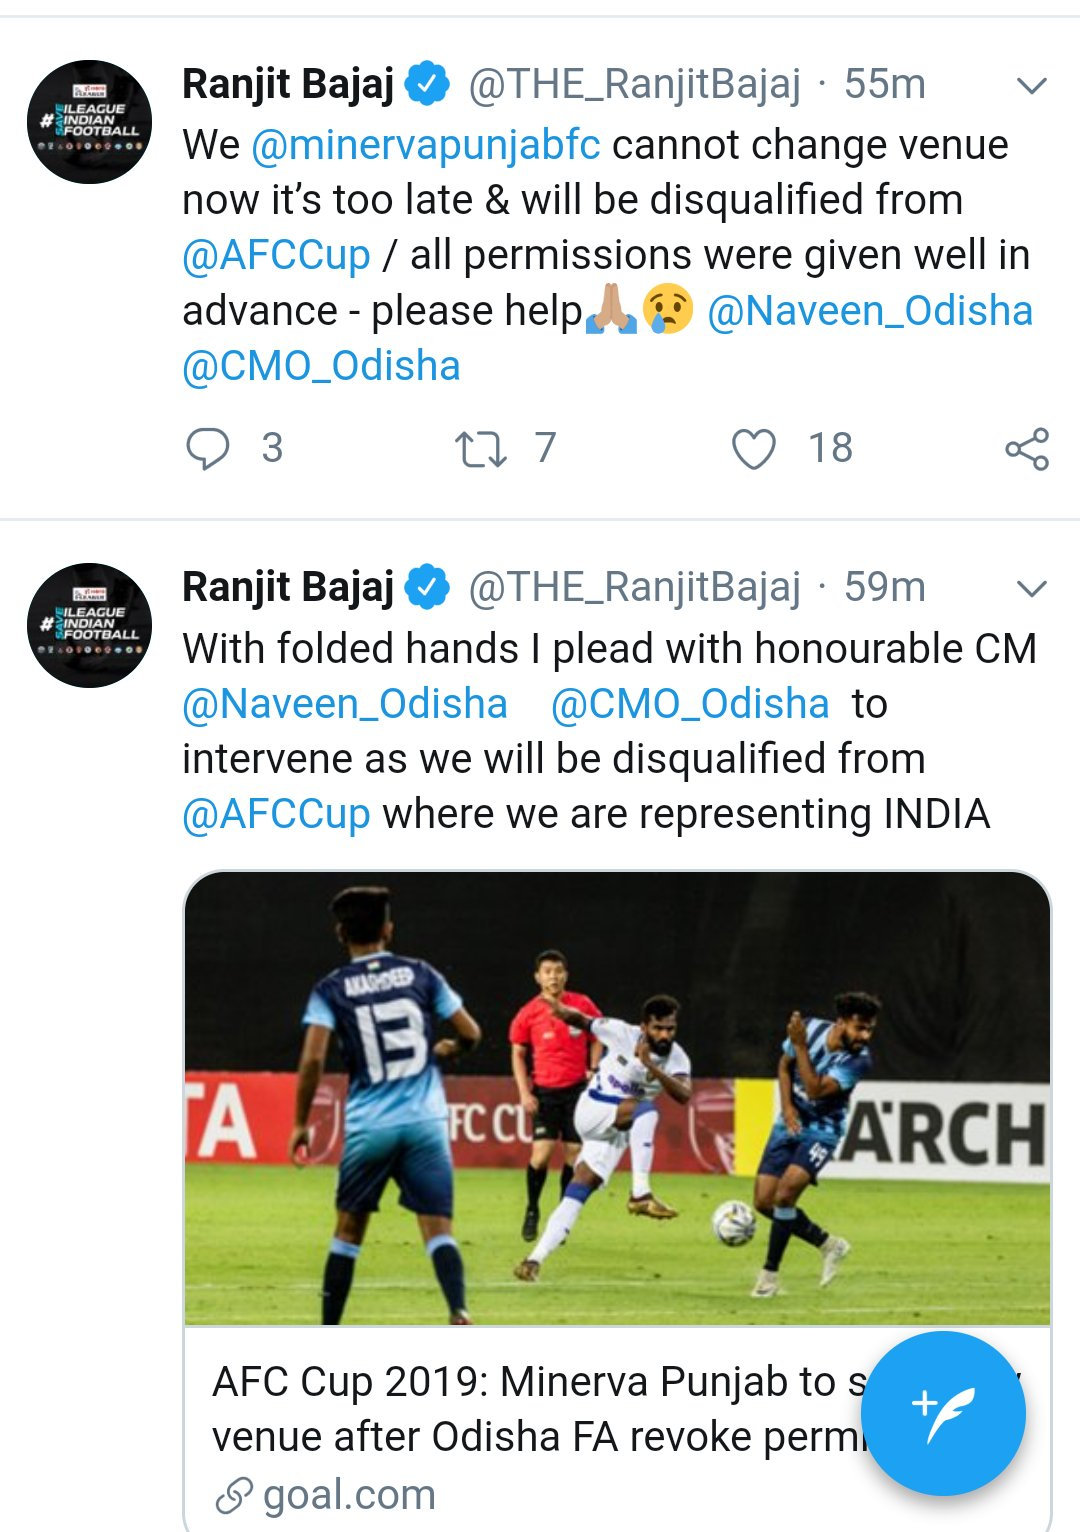 Minerva Punjab FC is going to shut ? Ranjit Bajaj Drops Tweet Bomb ! screenshot 20190405 14355926762470701038394831.